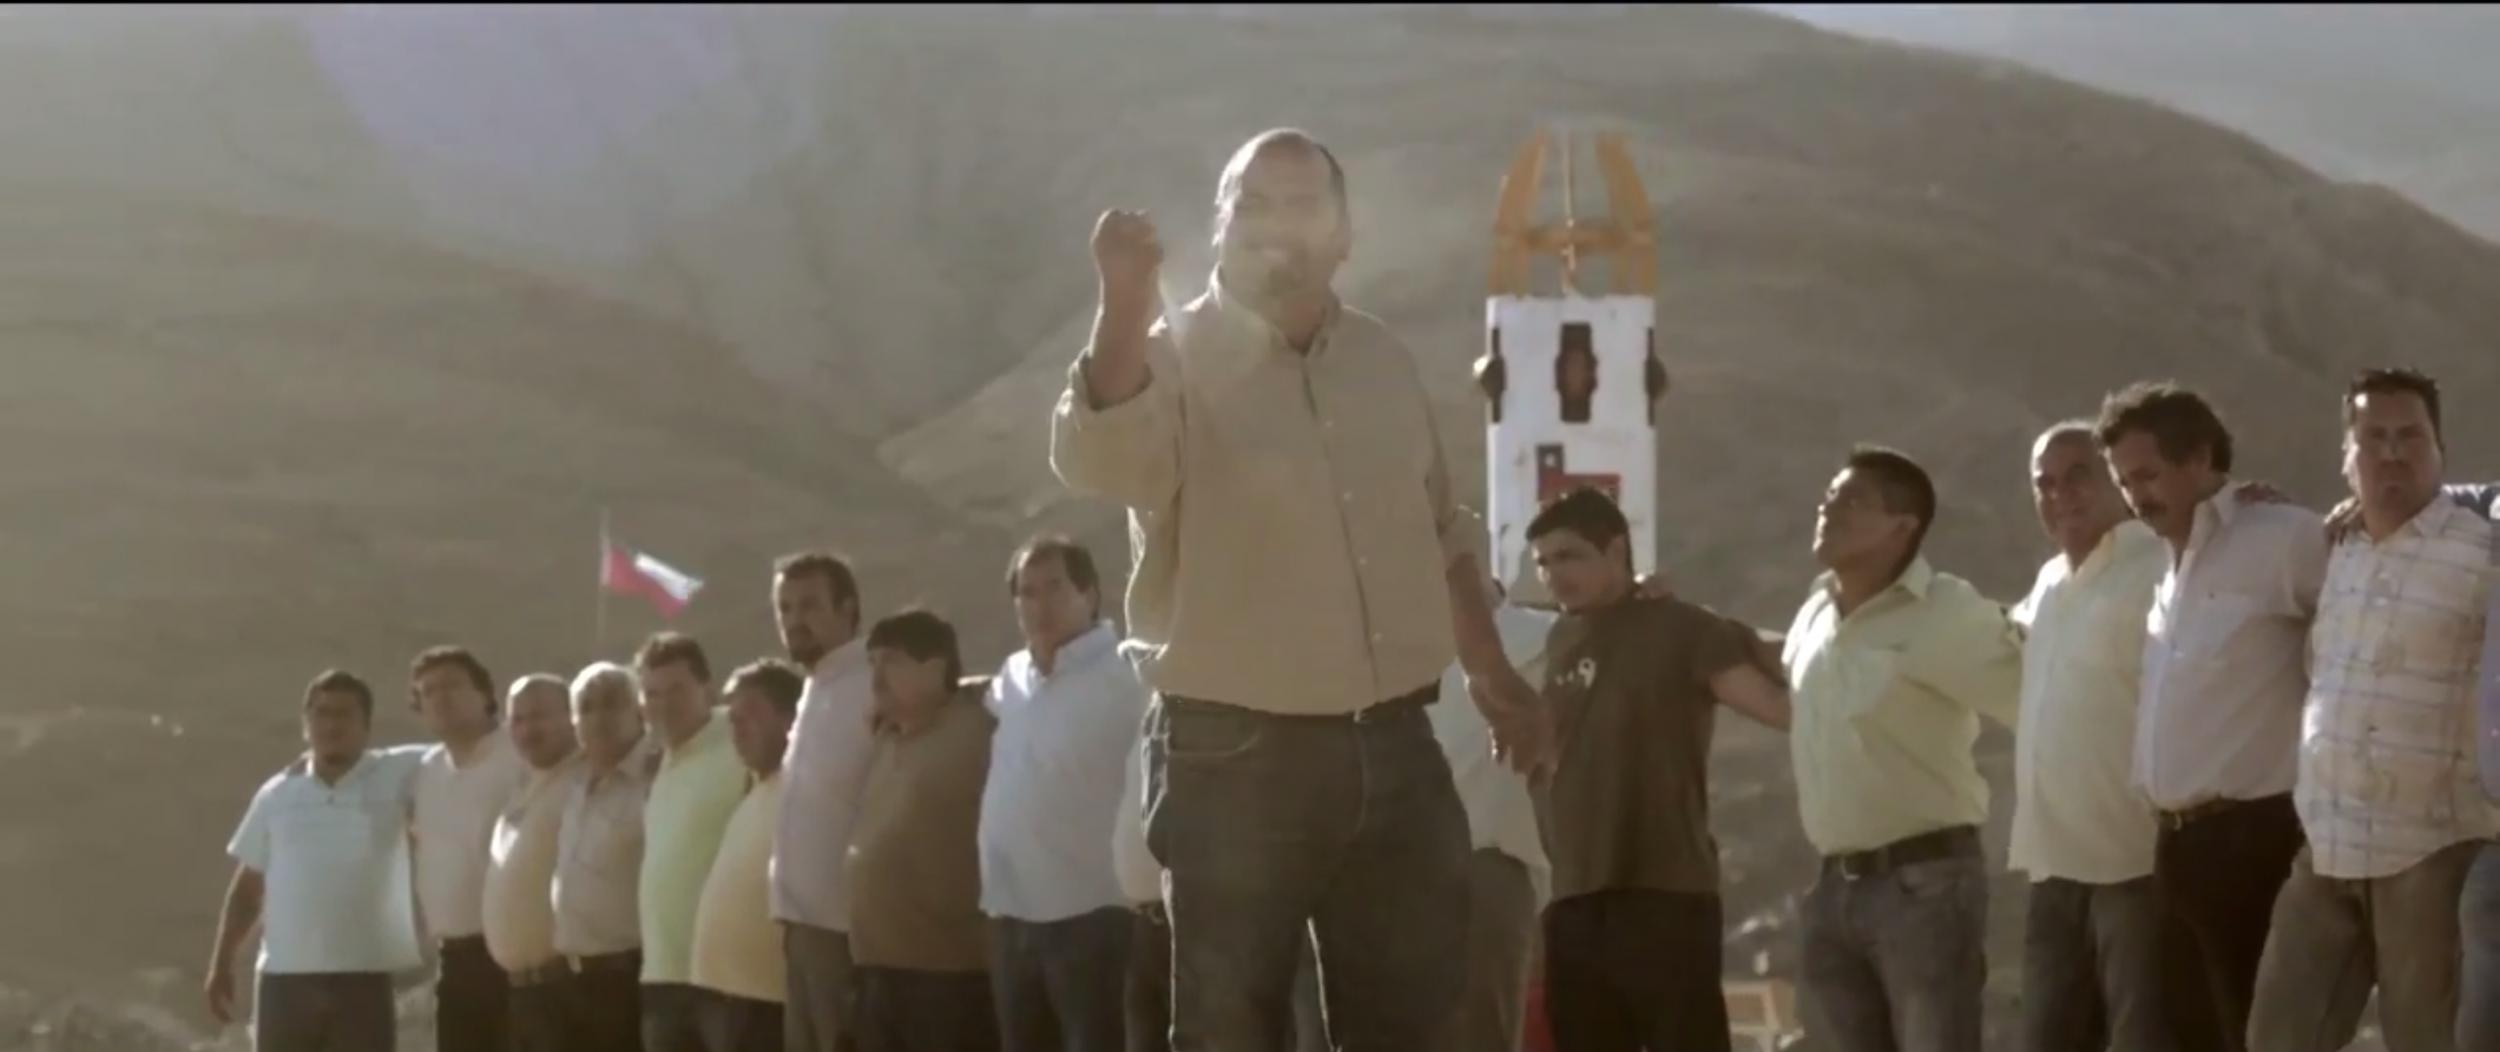 Sports Marketing: lo spot del Banco de Chile per la Coppa del Mondo con i minatori sorpavvissuti